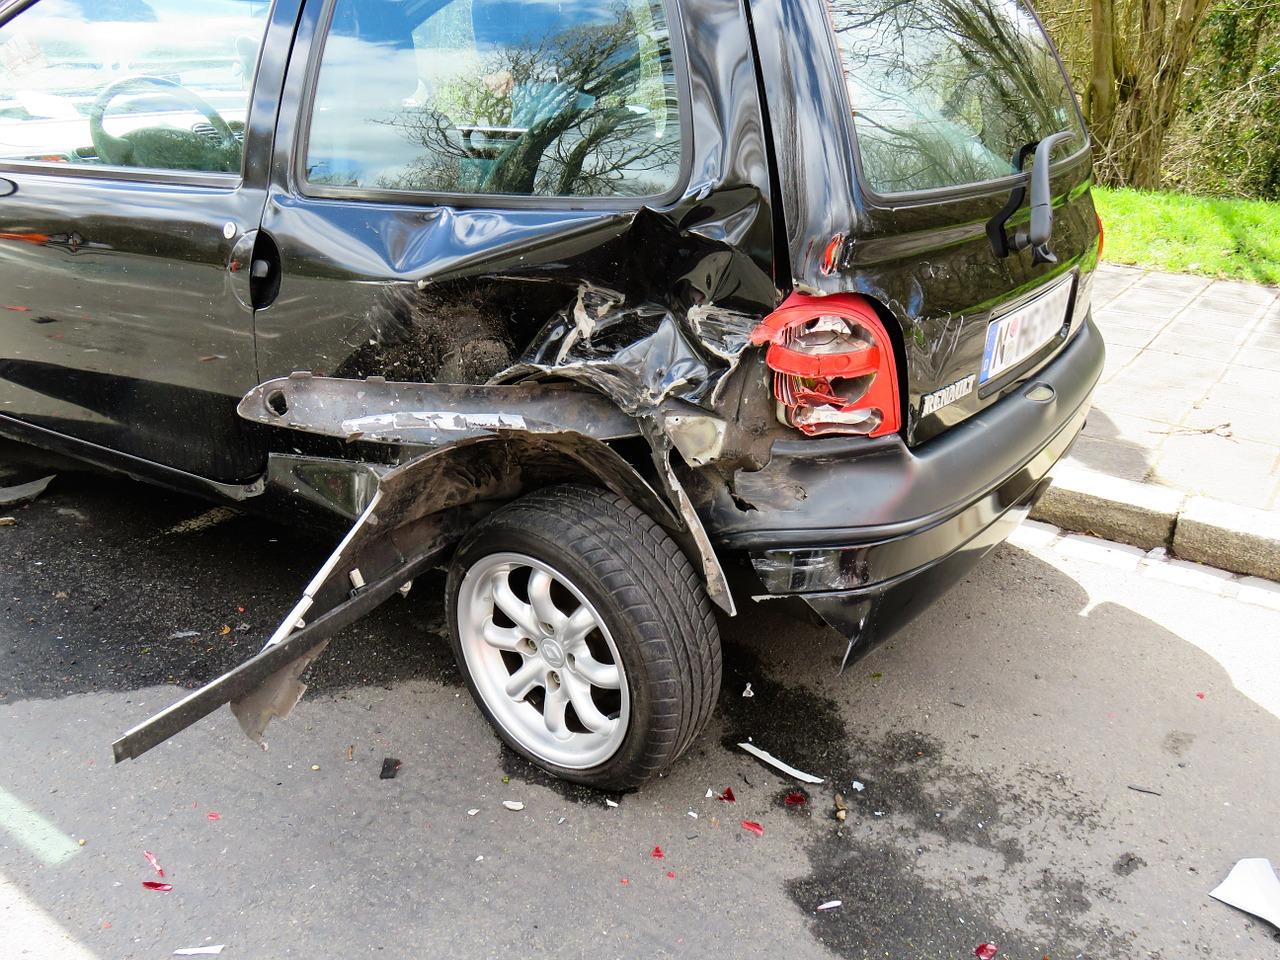 交通事故で加害者になり治療できないと思っていないですか?